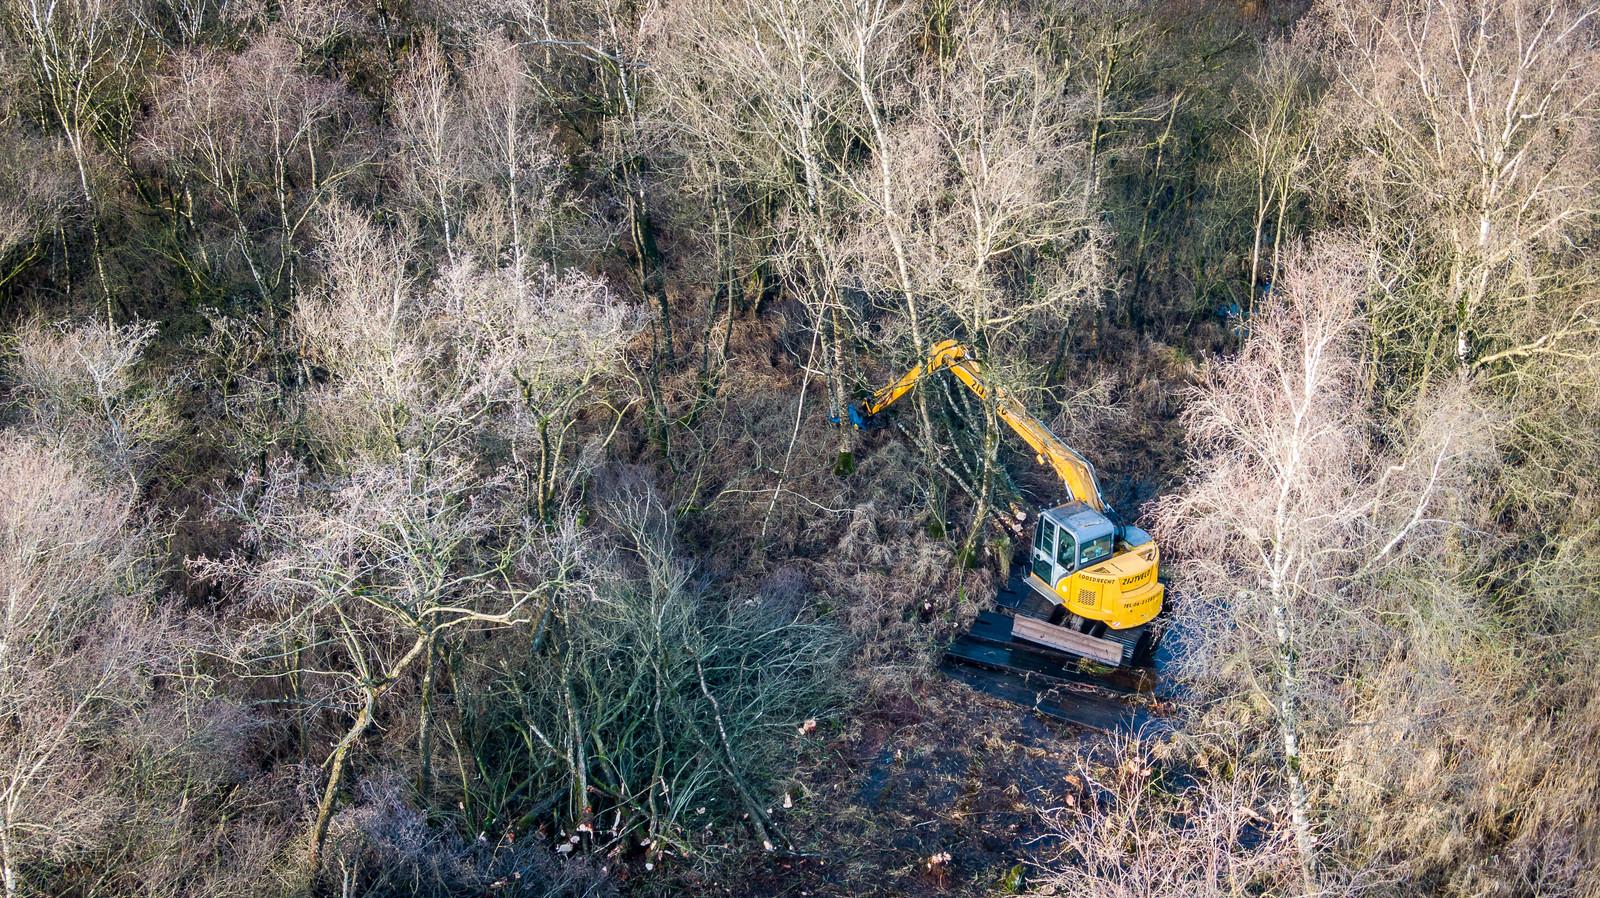 In natuurgebied De Weerribben is in de buurt van Wetering een begin gemaakt met het herstel van het veenmosrietland en het trilveen met het weghalen van bomen en andere opslag